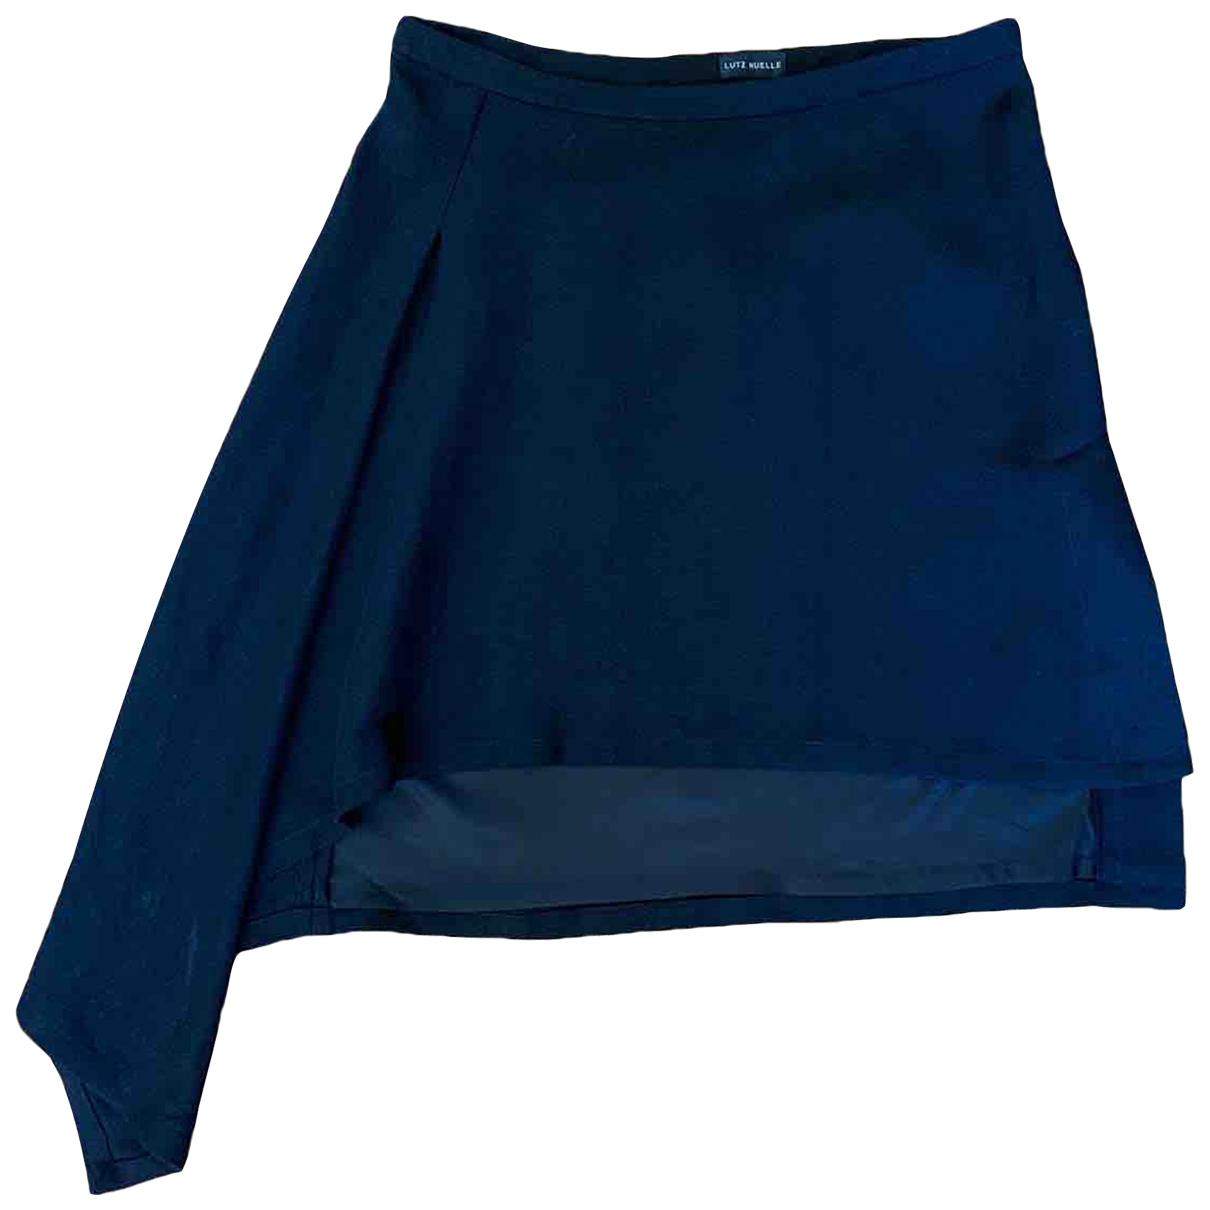 Lutz Huelle \N Black Linen skirt for Women 38 FR